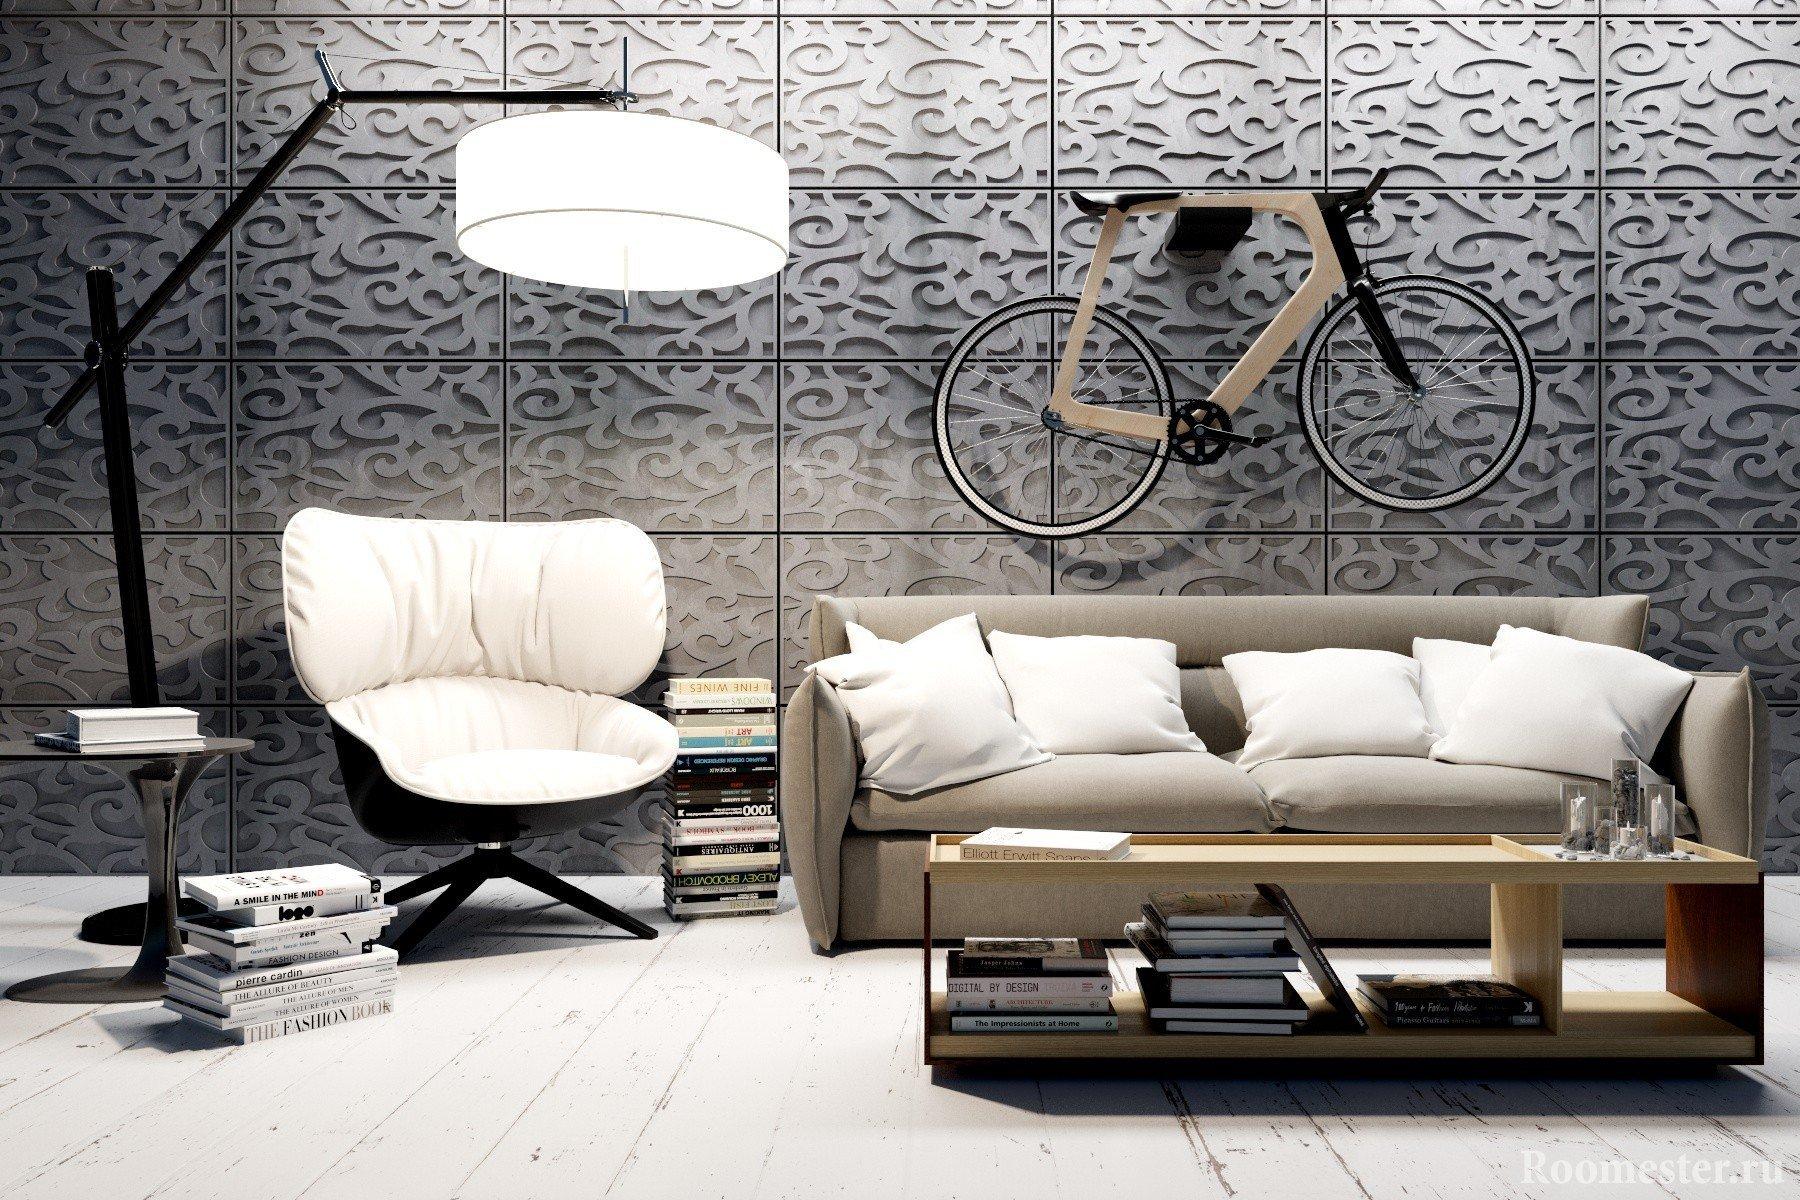 dekor-sten-20 Оригинальный декор стен своими руками – 25 идей с фото